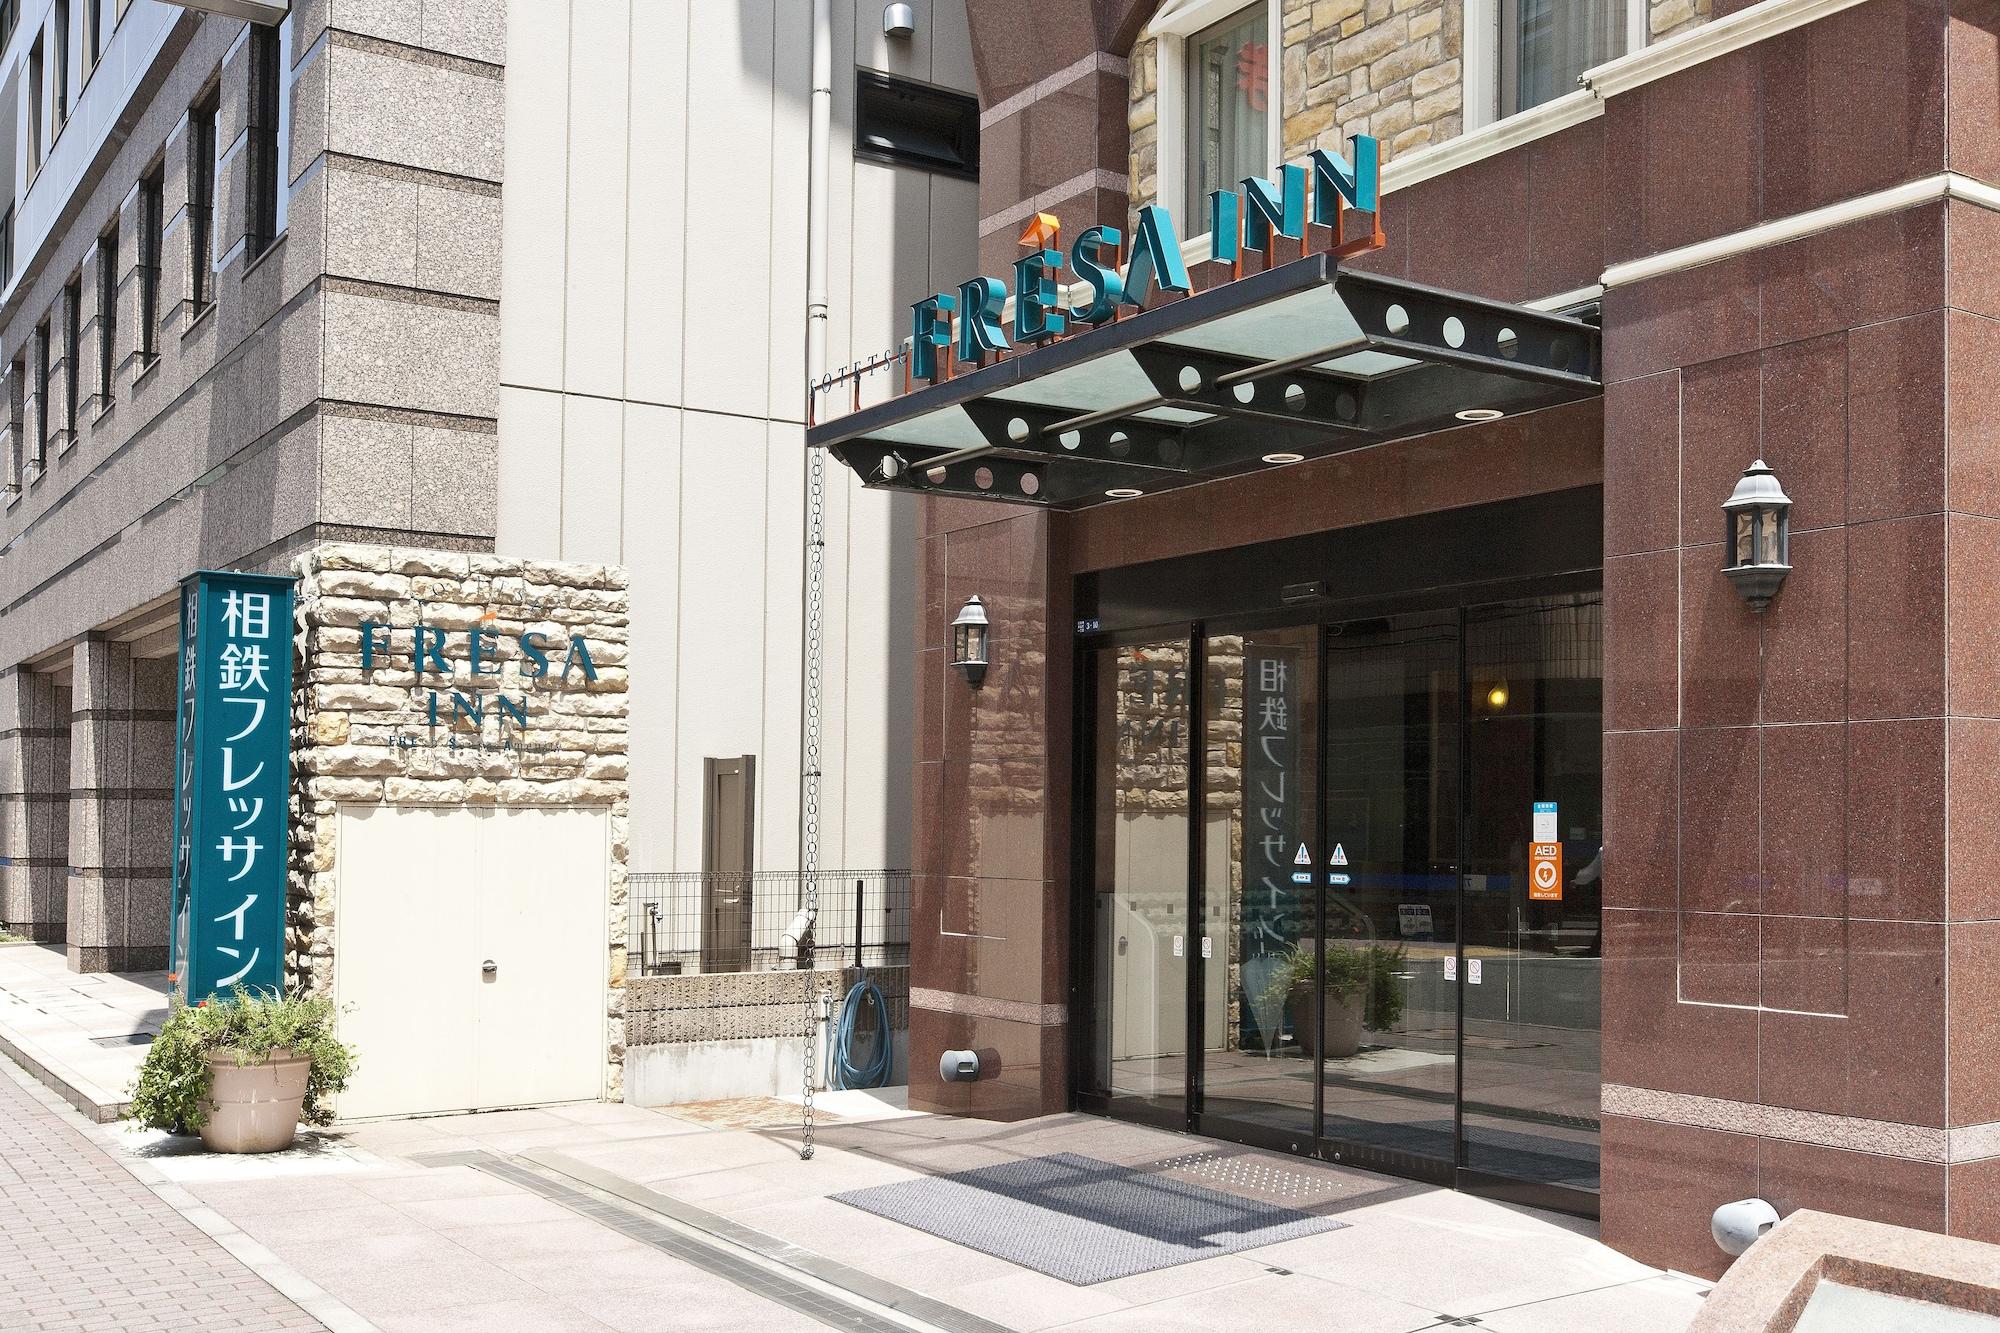 Sotetsu Fresa Inn Nihombashi-Kayabacho, Chūō